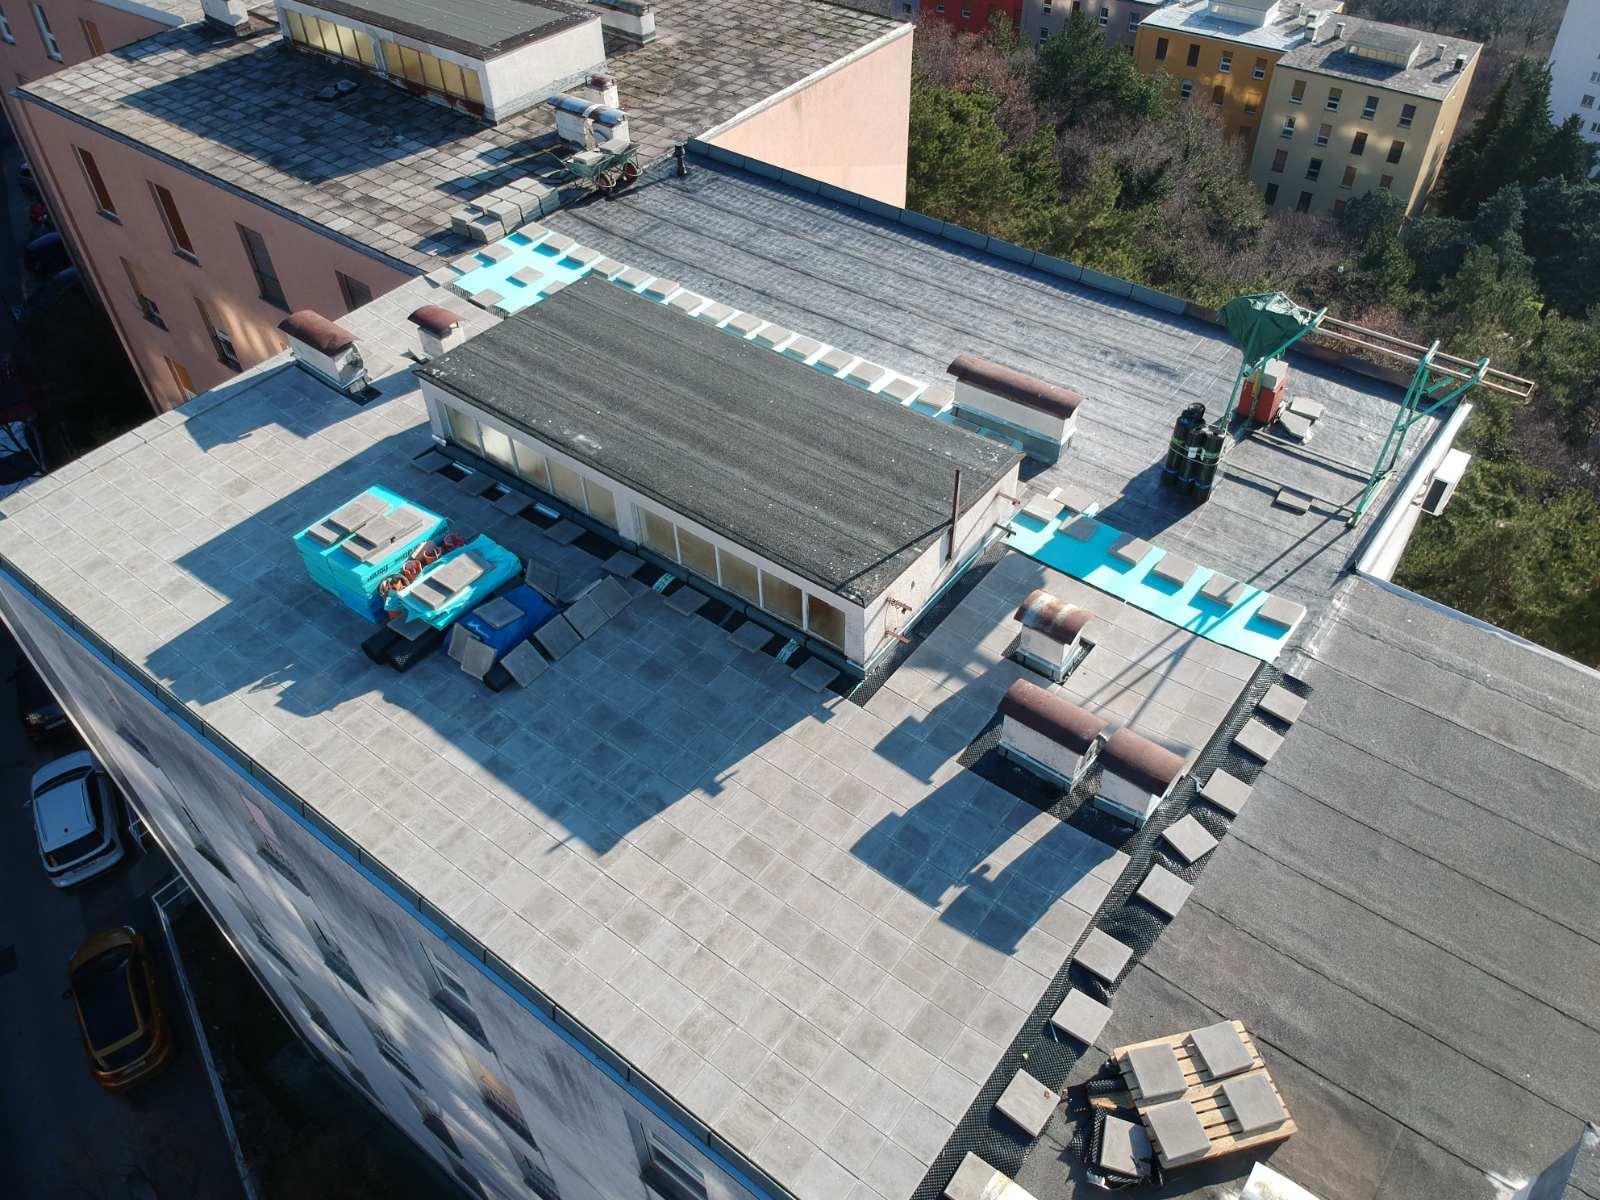 U tijeku je obnova ravnog krova na adresi Ratka Petrovića 62 u Rijeci (stambeni niz D-5, Gornja Vežica)